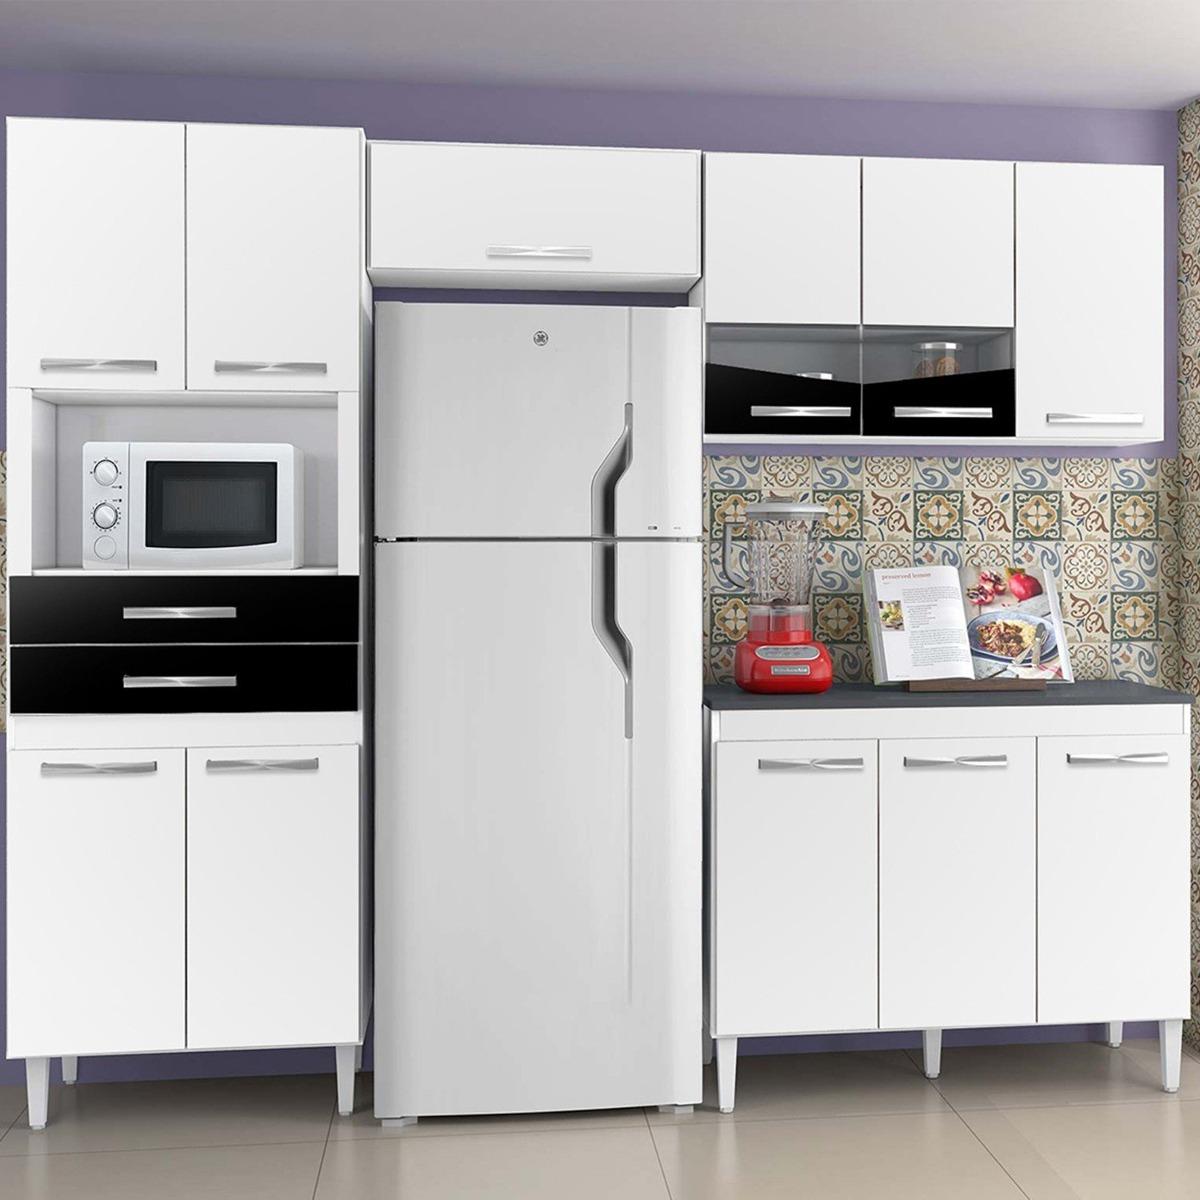 Cozinha Compacta L Via Chf Branco Preto Db R 689 90 Em Mercado Livre